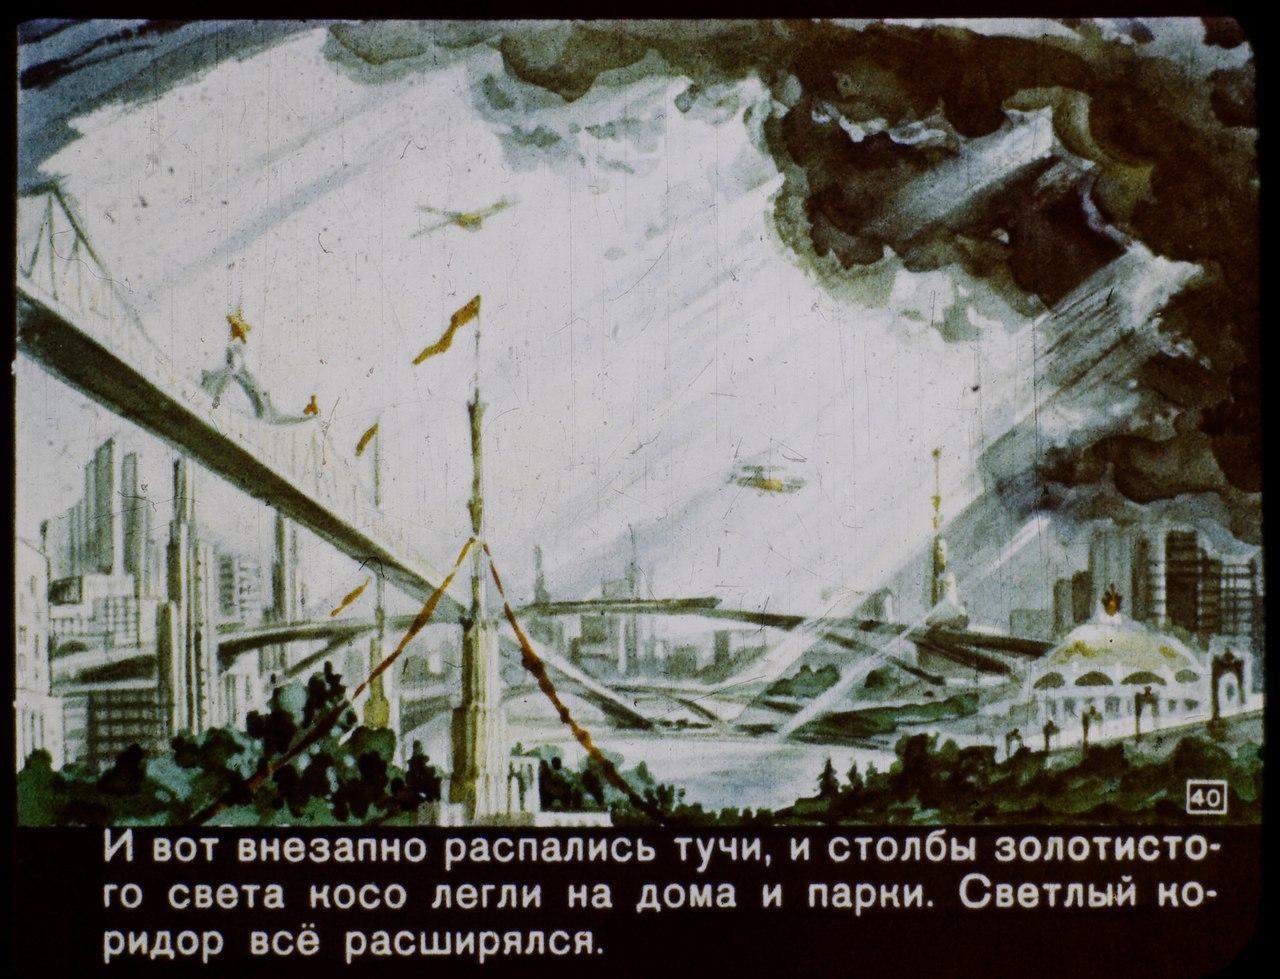 2017 год в советском диафильме 1960 года